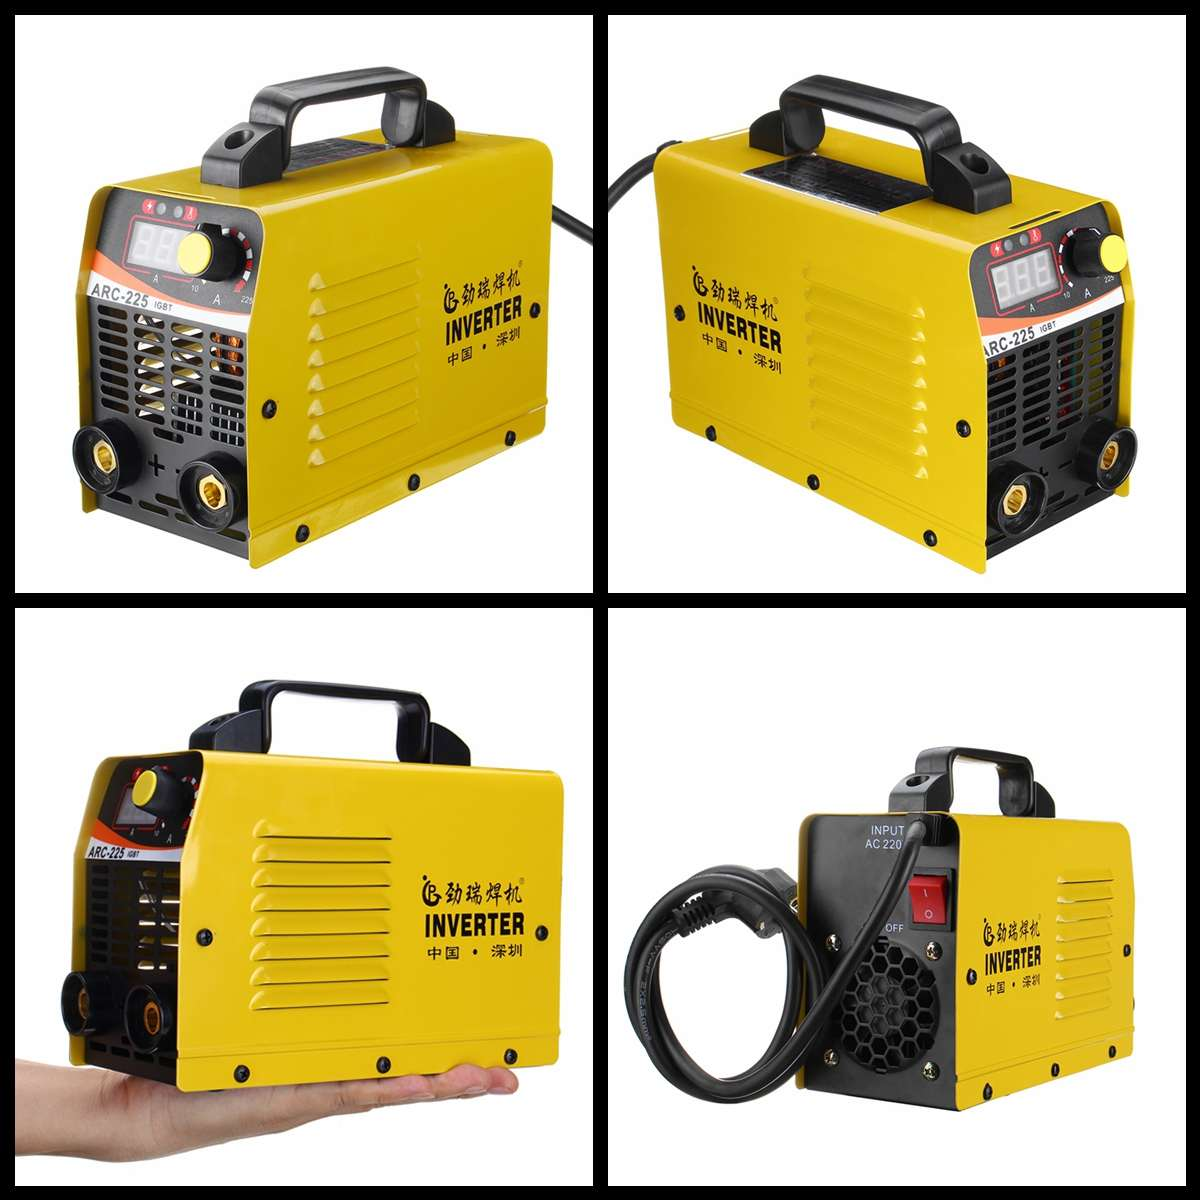 10-225A ARC-225 25KVA Handheld Mini MMA IGBT Inverter 220 V Mini Elektrische ARC Schweißen Schweißer Inverter Maschine Werkzeug